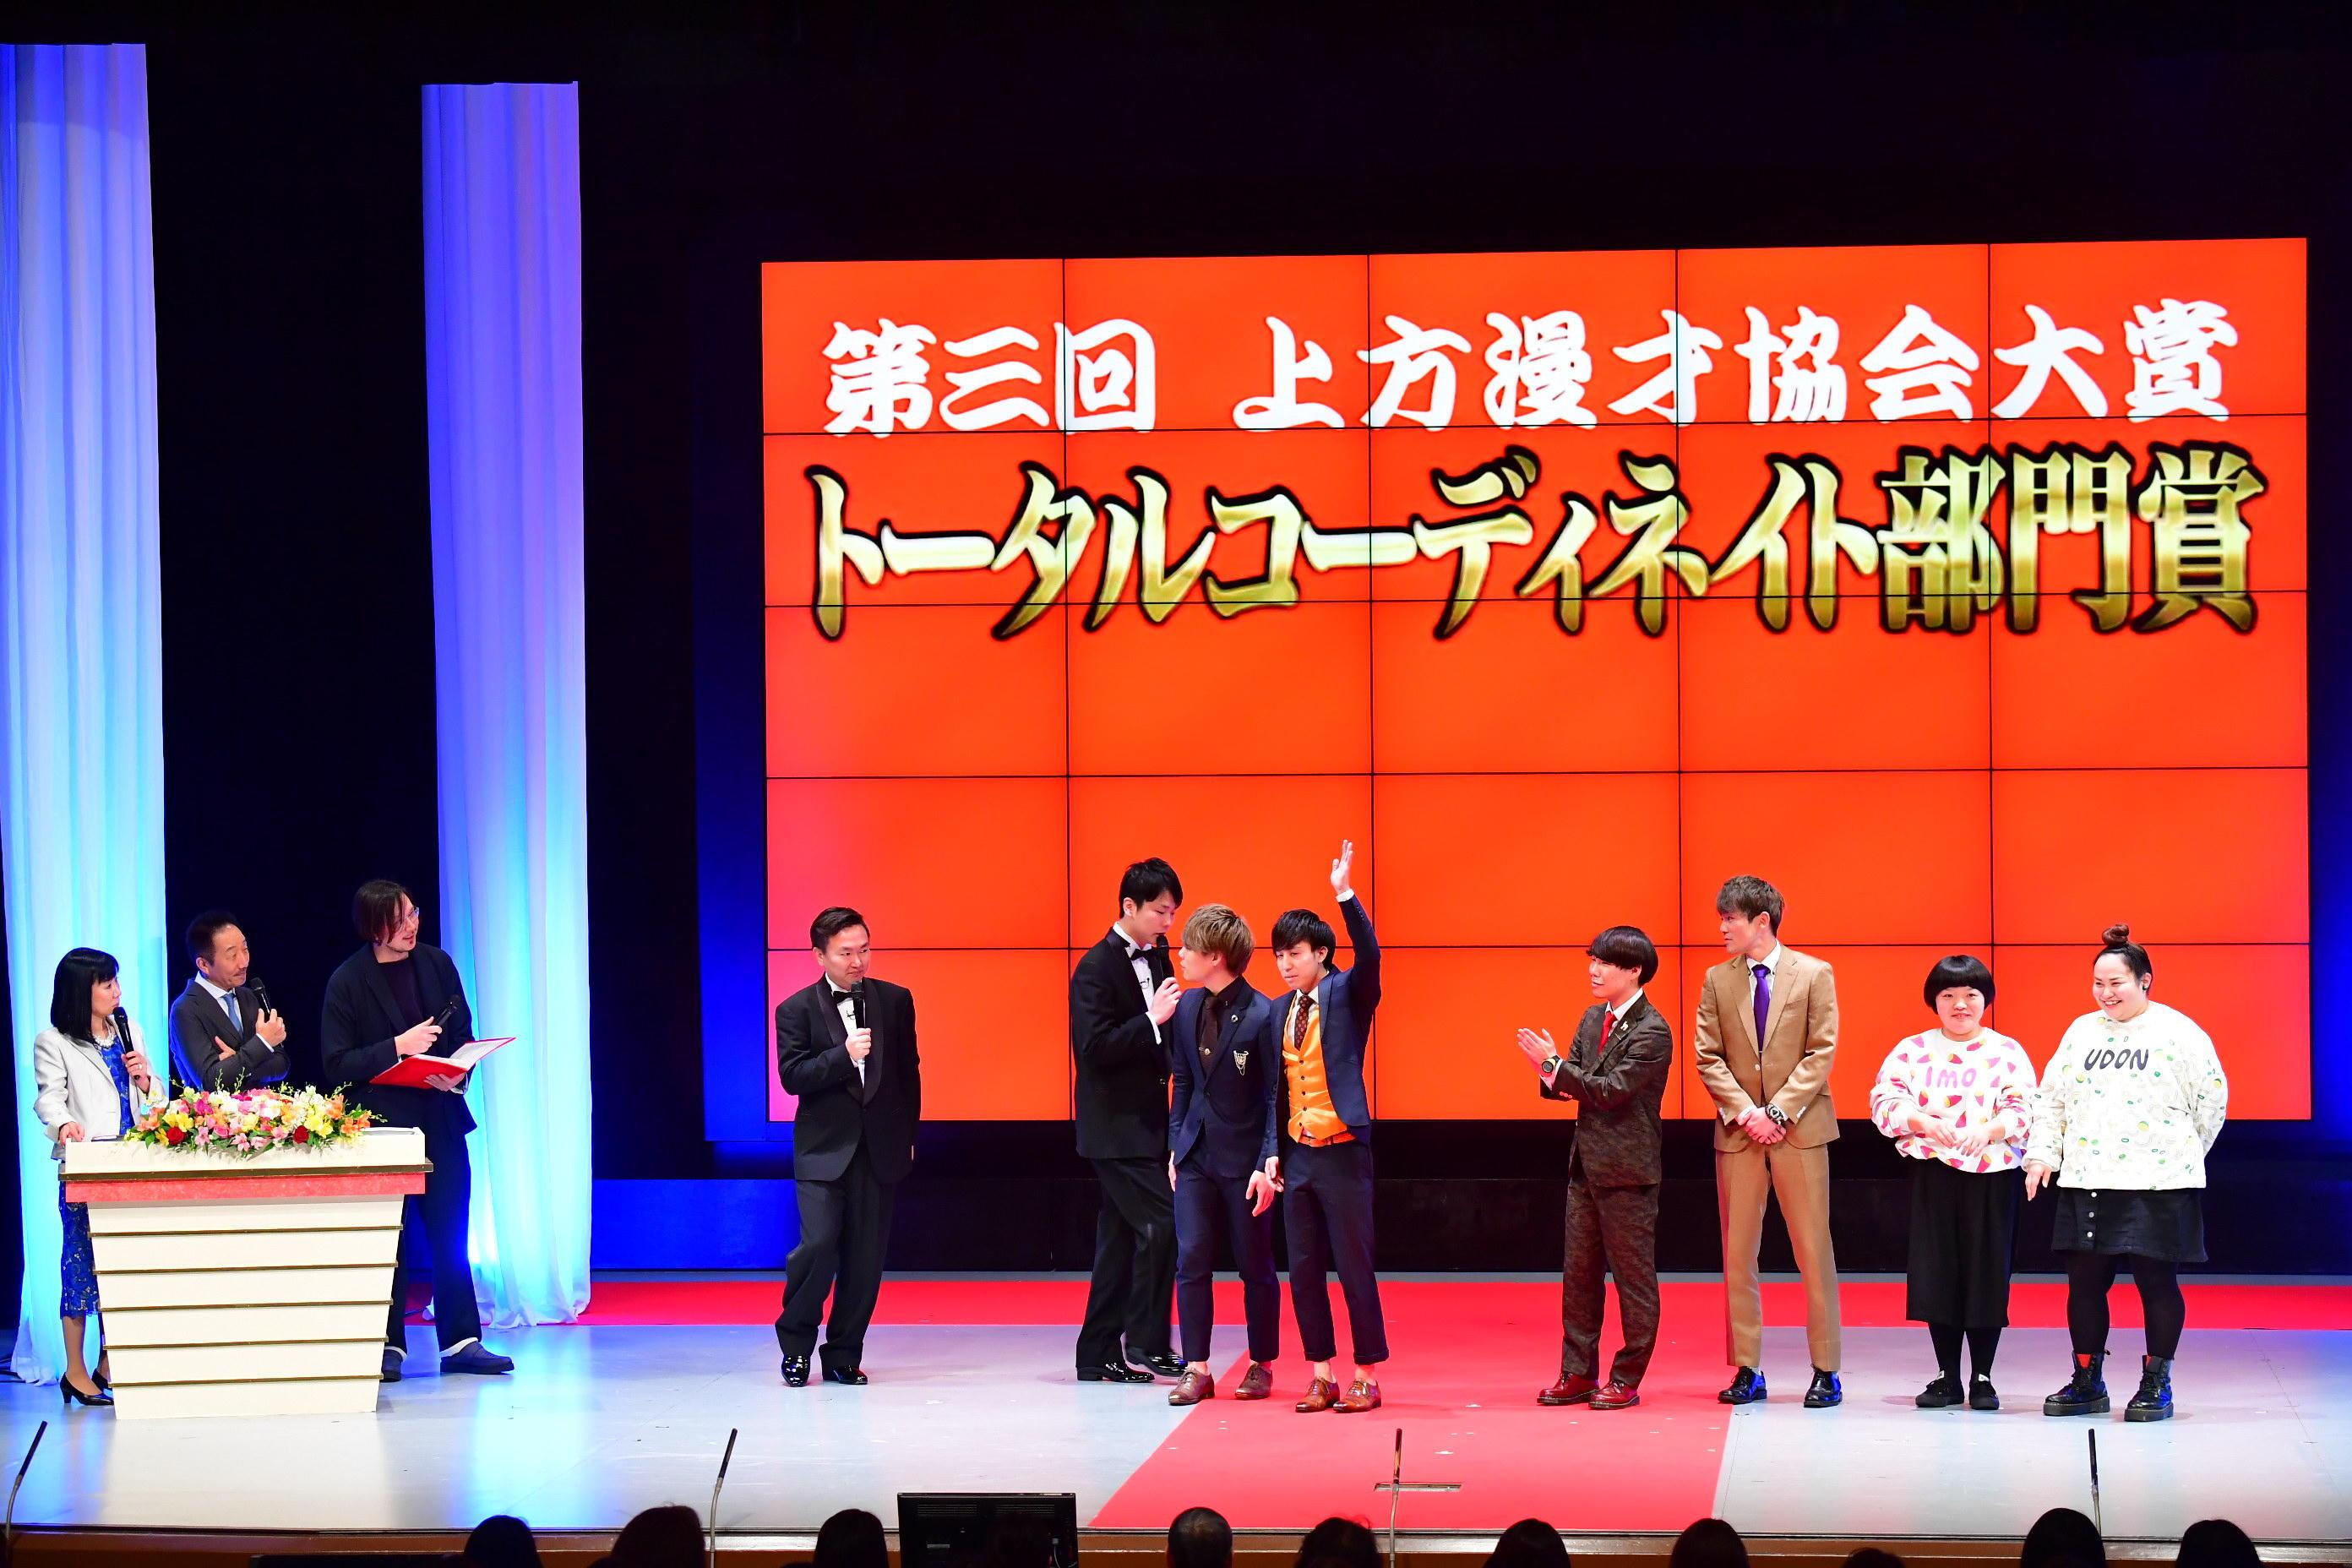 http://news.yoshimoto.co.jp/20180109015446-7dcf22c59f1f07384429b230d0a87ad1b13fd81f.jpg